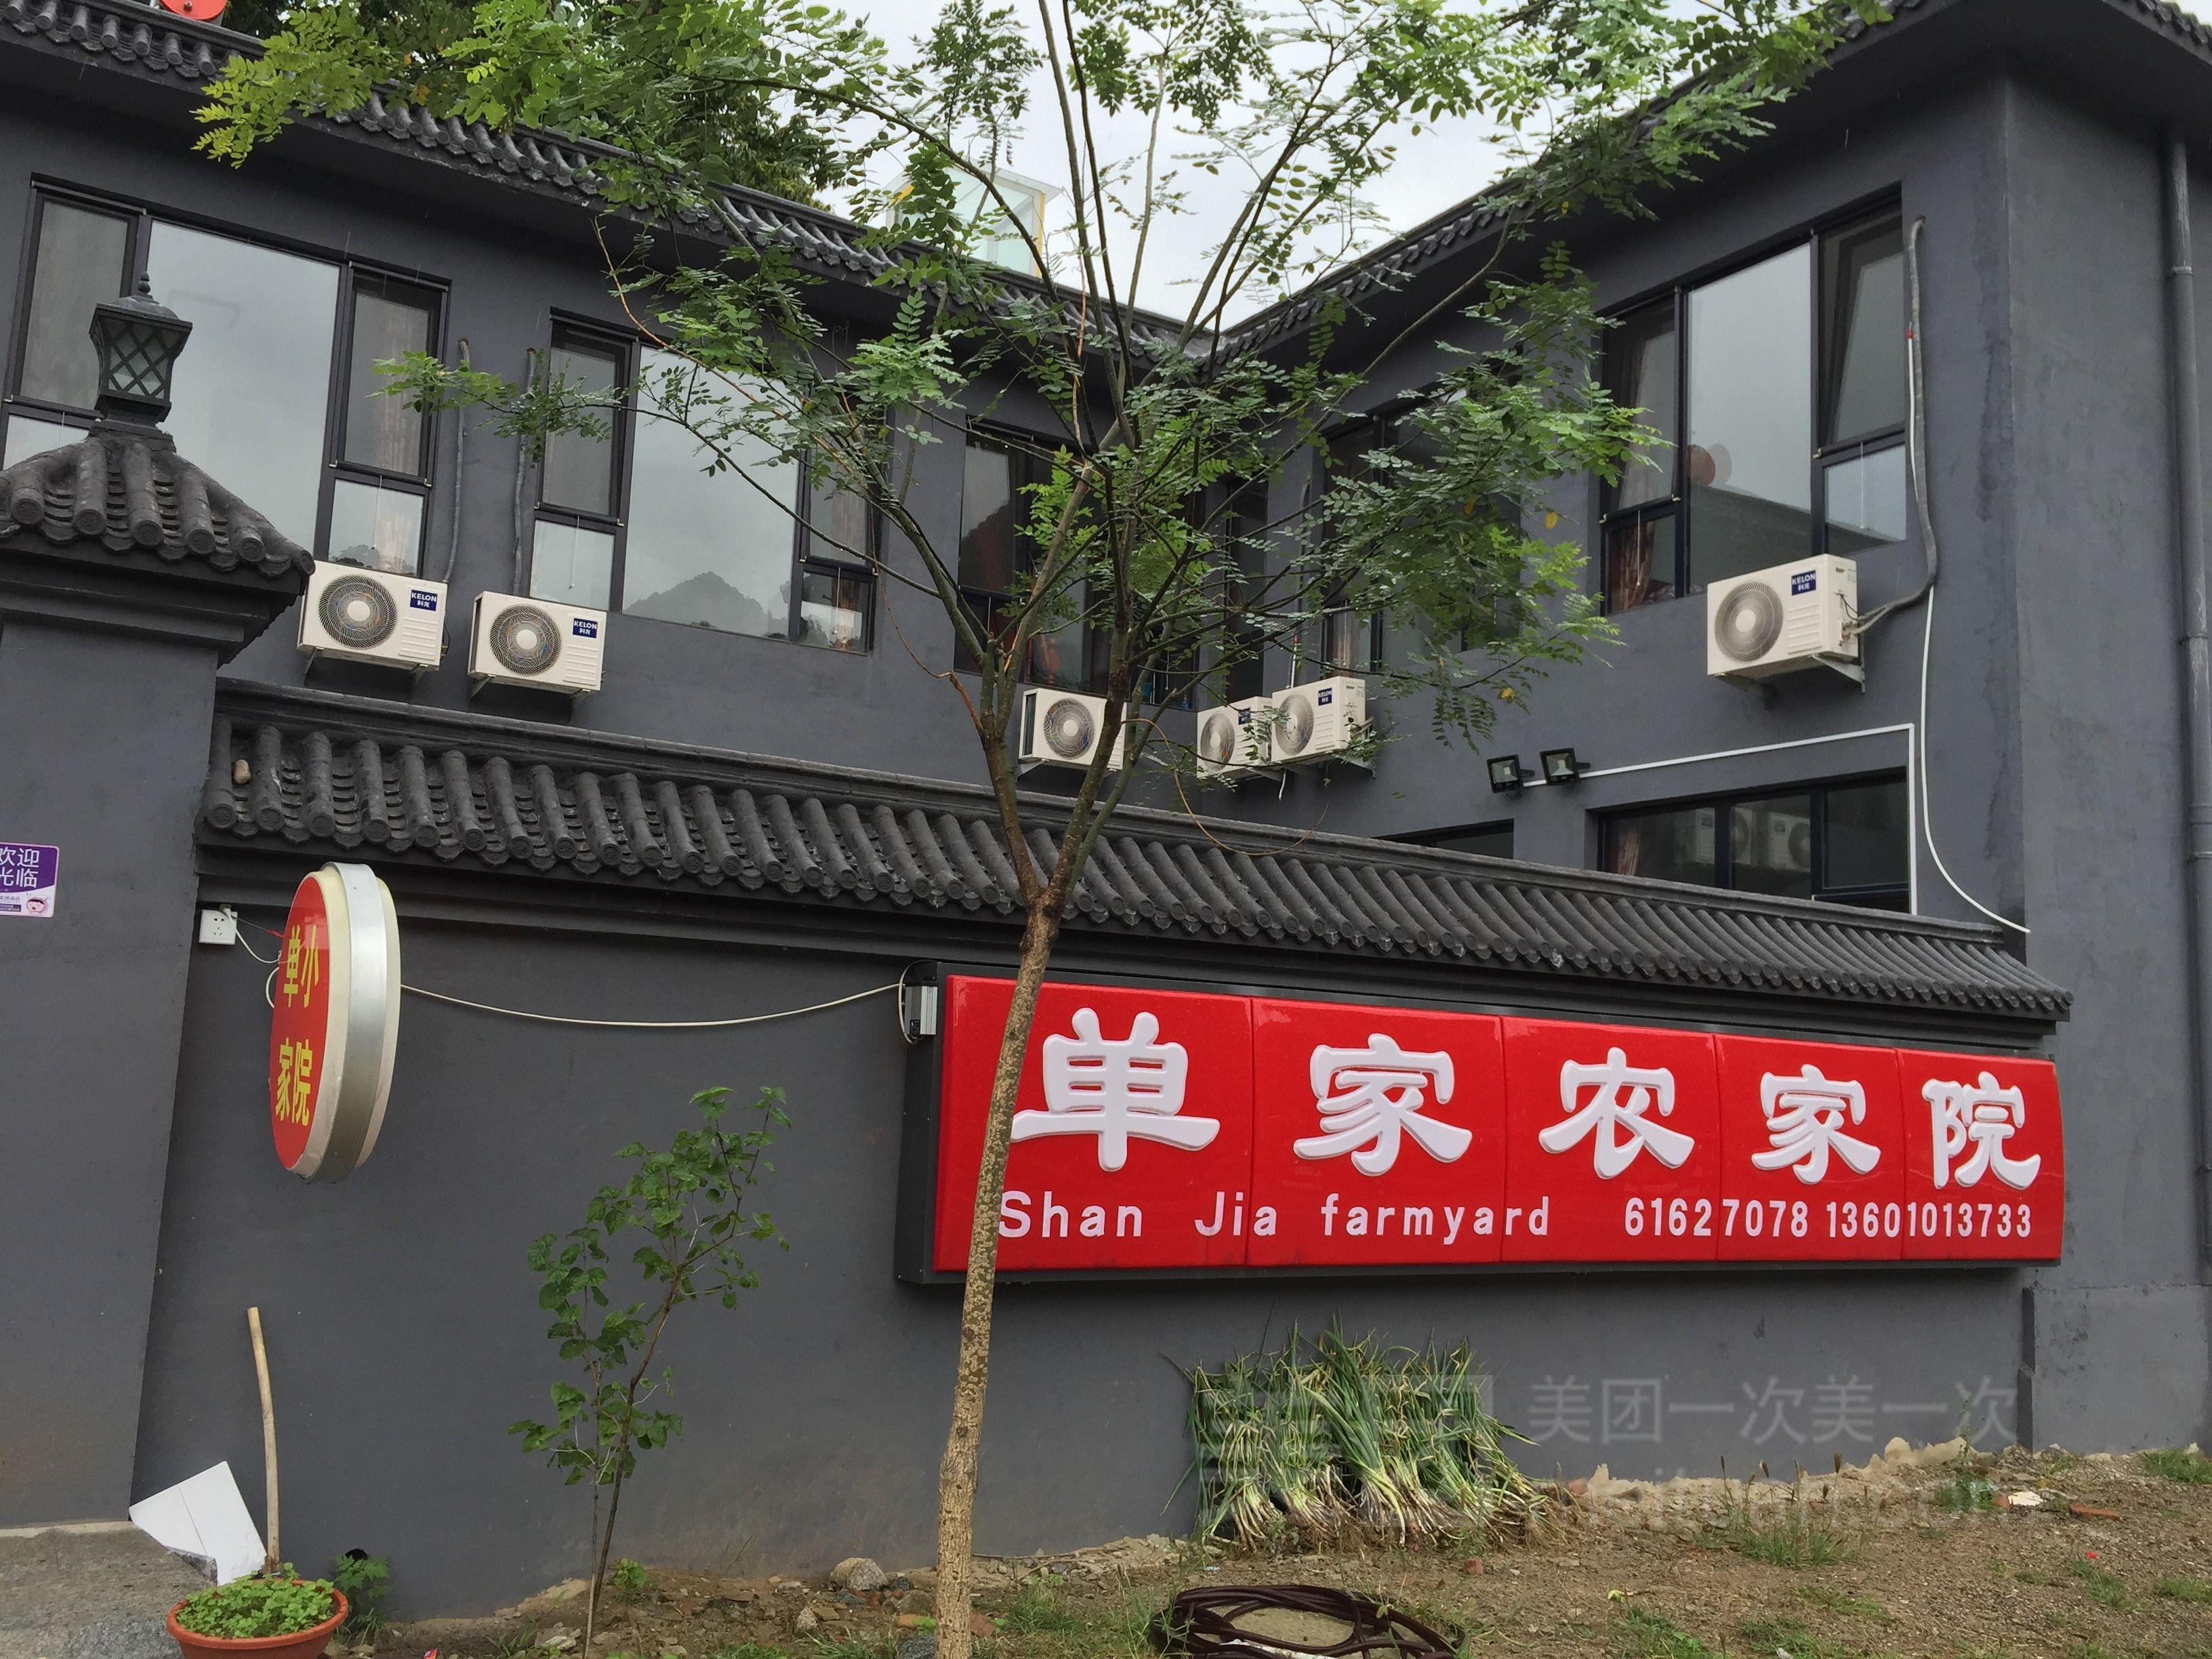 北京雁栖湖单家农家院预订/团购